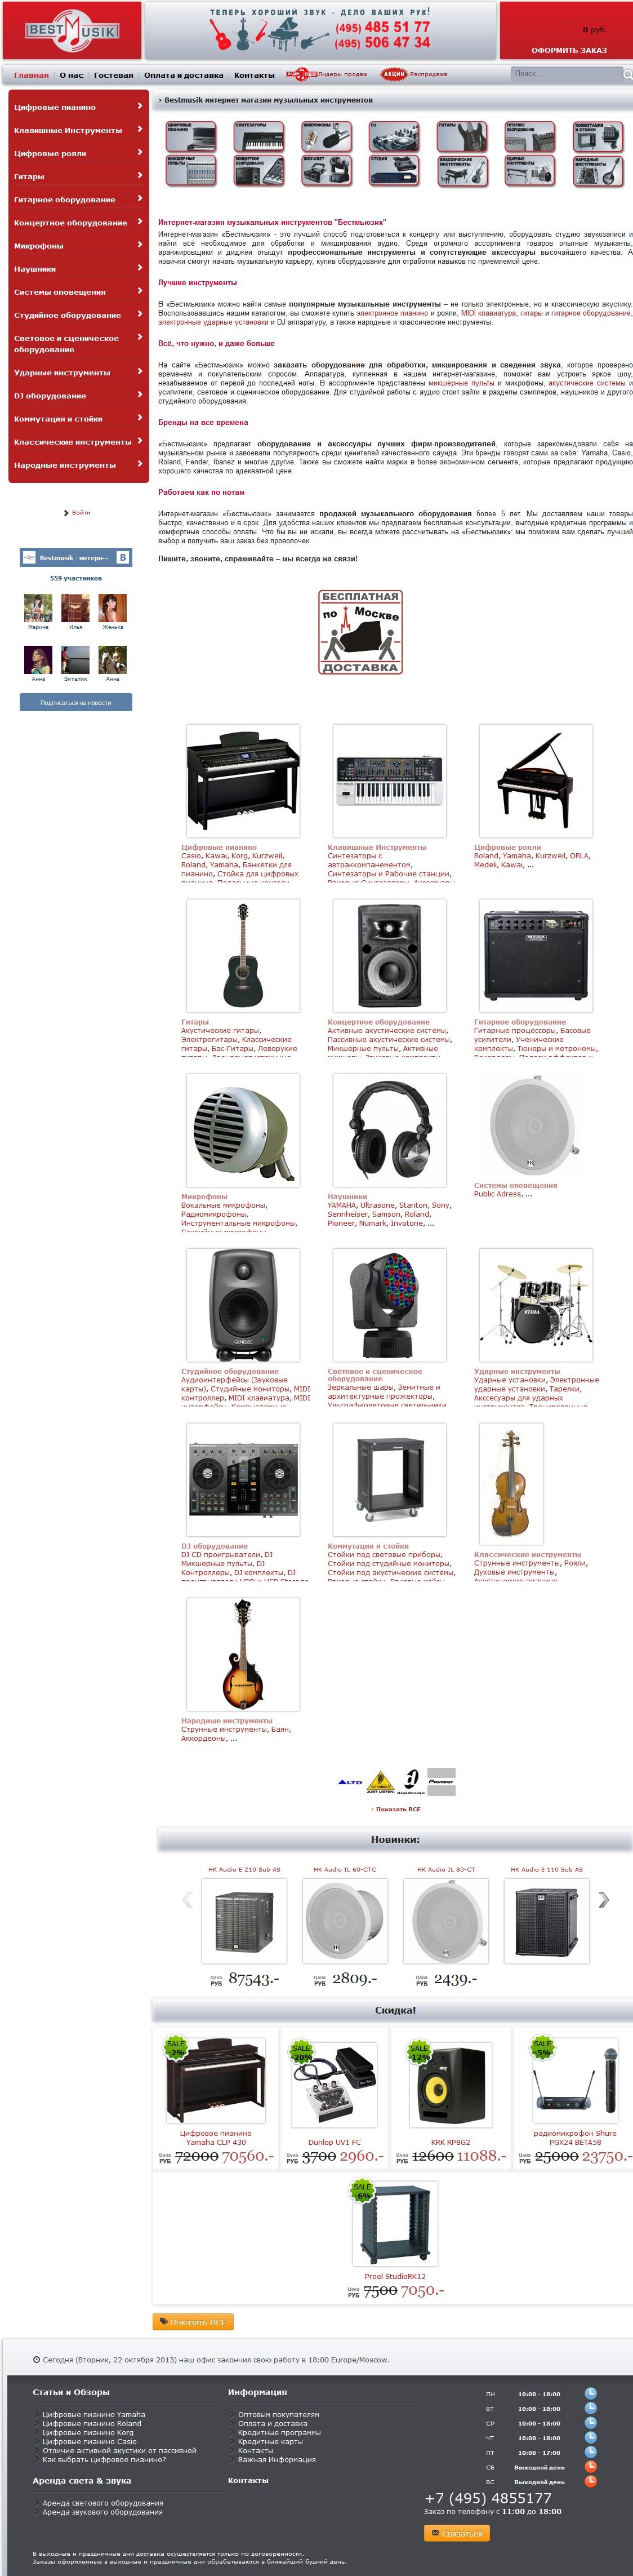 куплЯ продажа музыкальных инструментов